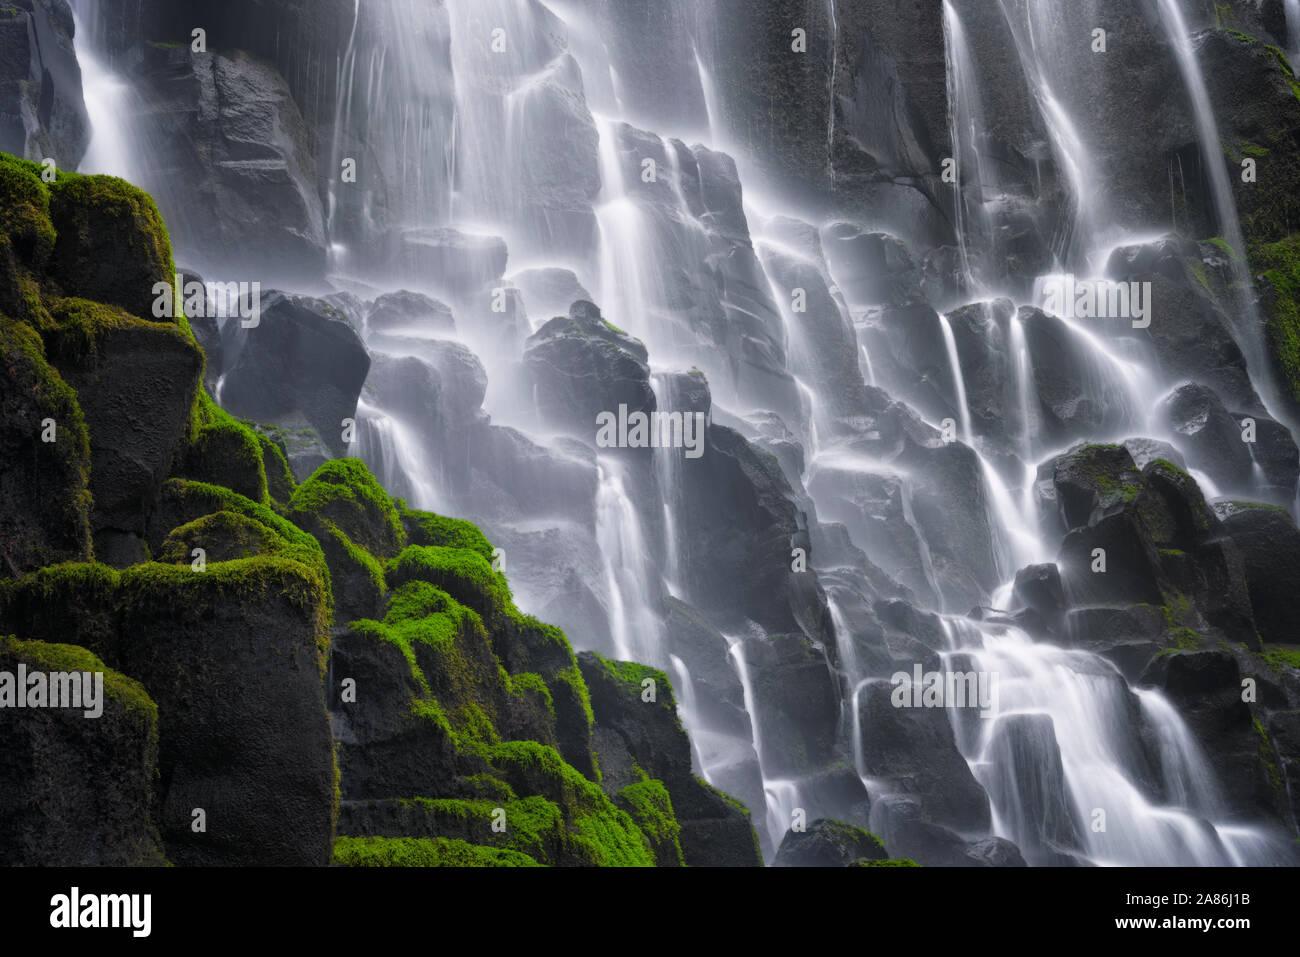 Oregon's Ramona Falls se déverse sur le couvert de mousse dans les orgues basaltiques Mount Hood Wilderness et le long de la Pacific Crest Trail. Banque D'Images